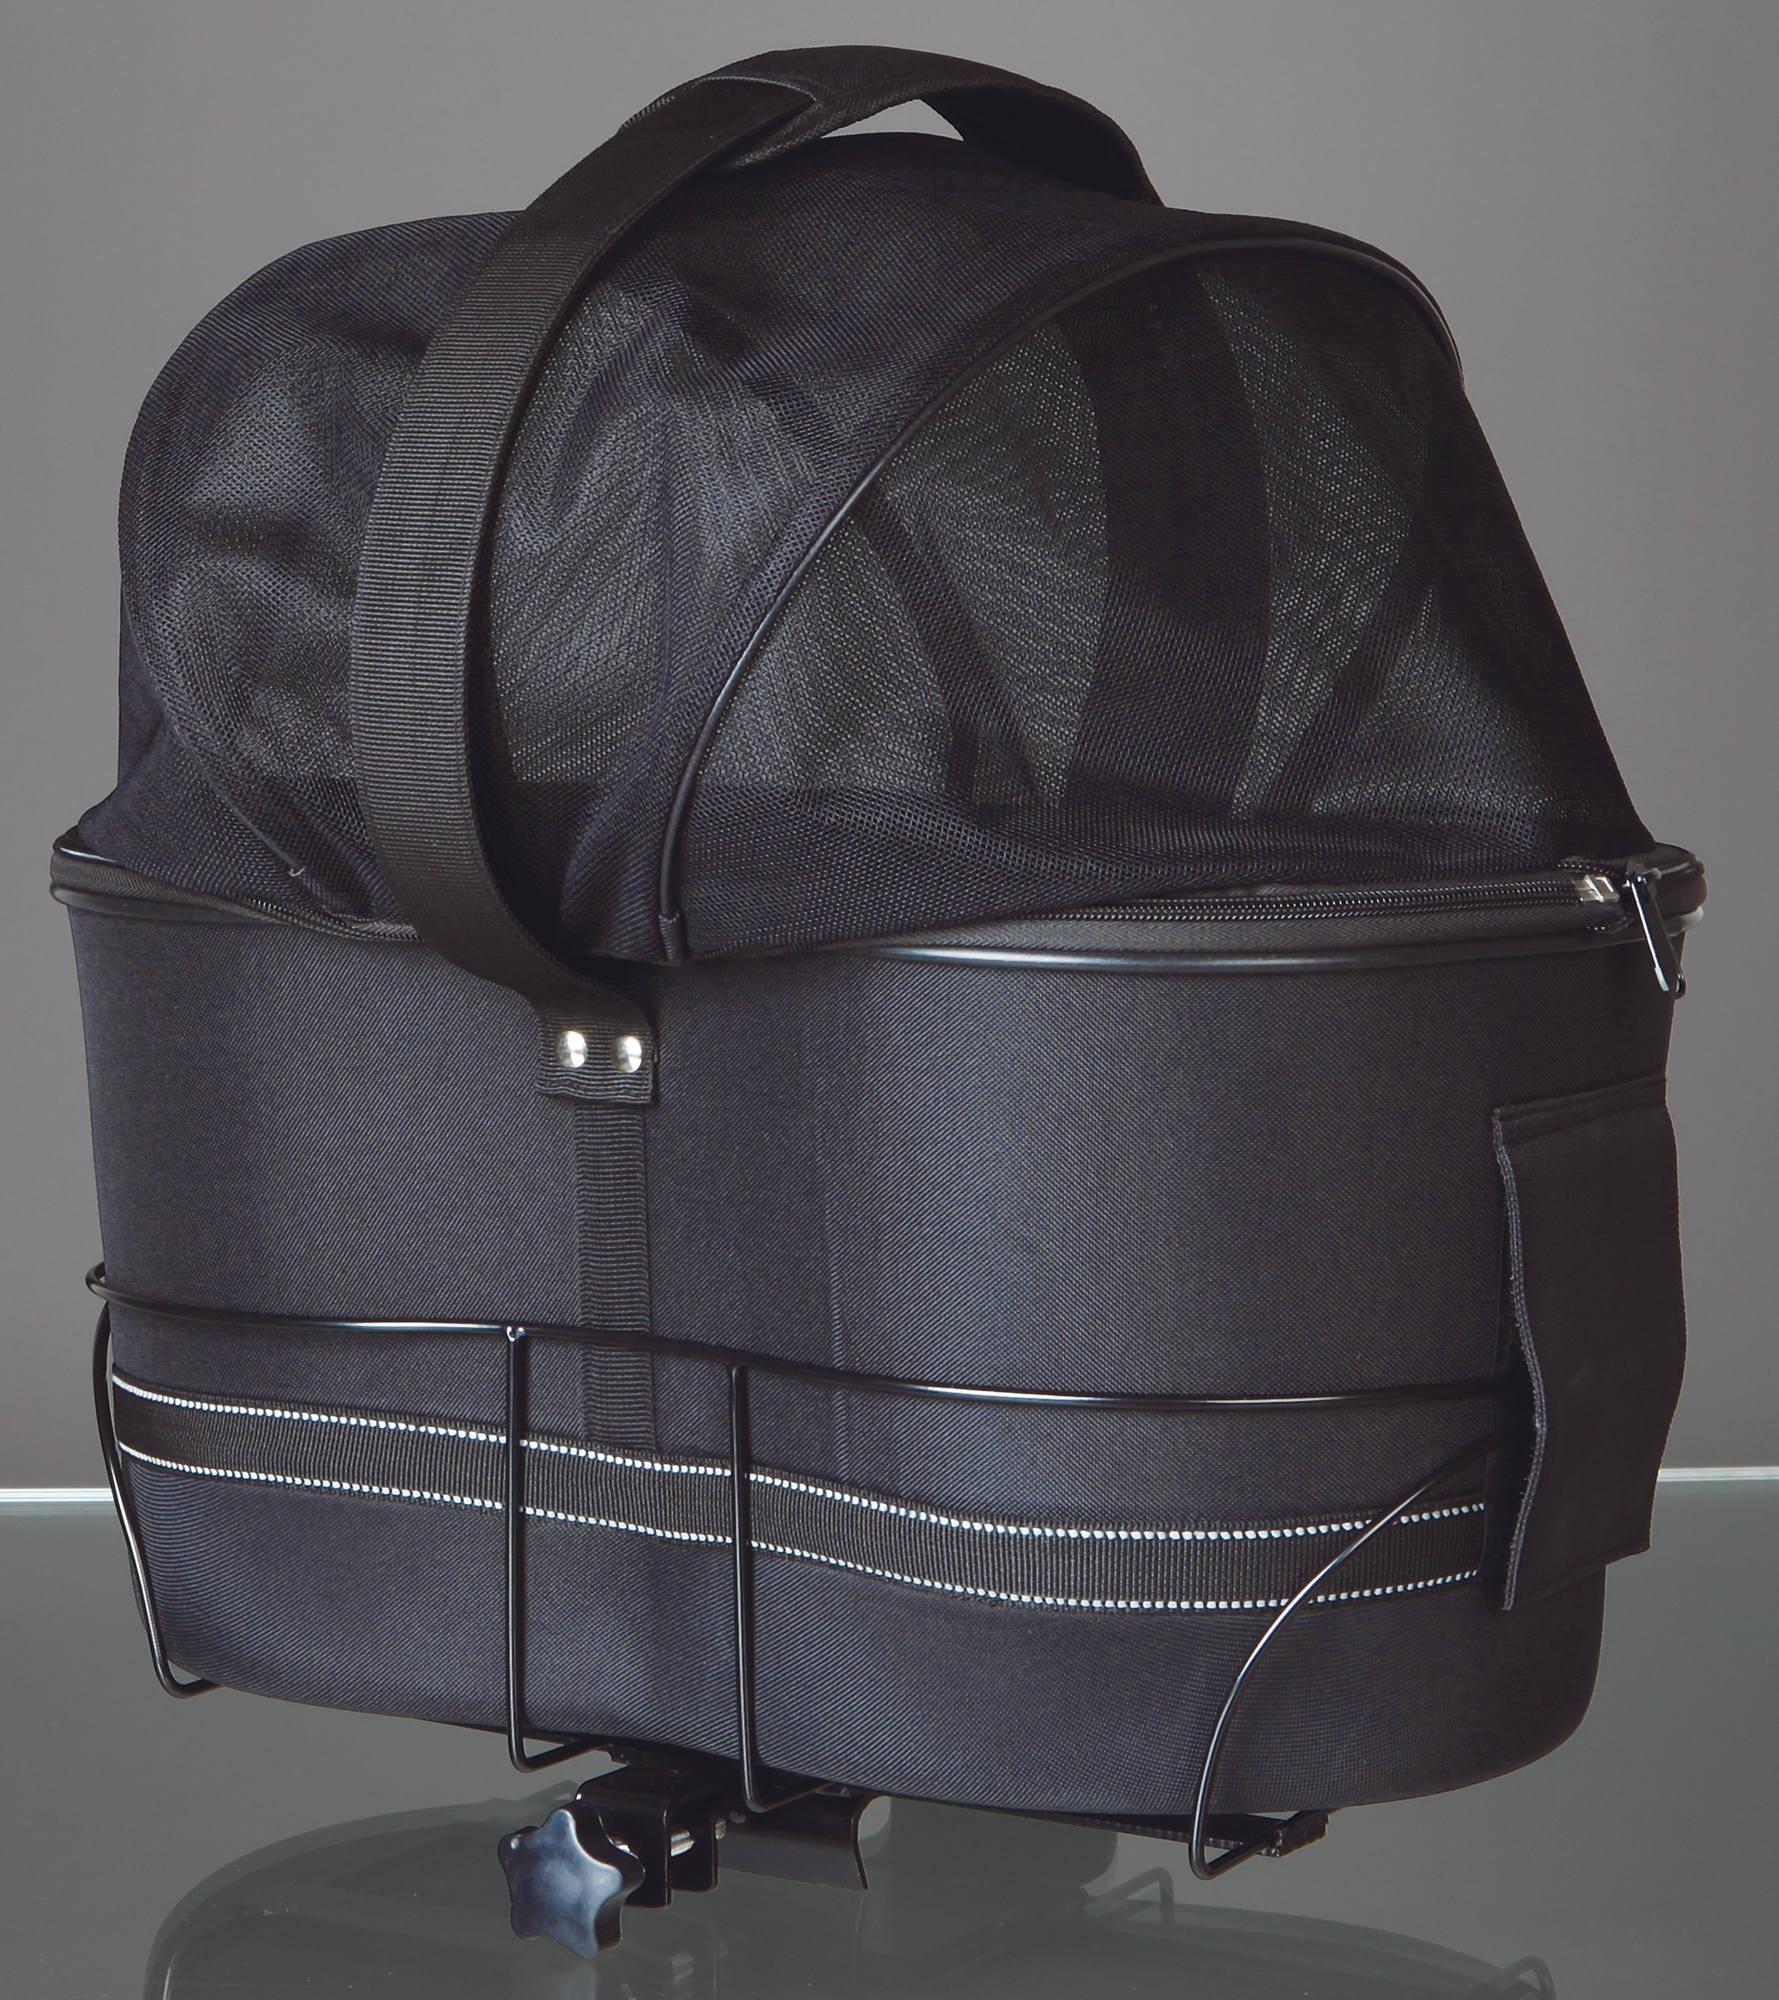 Fietsmand voor brede bagagedragers